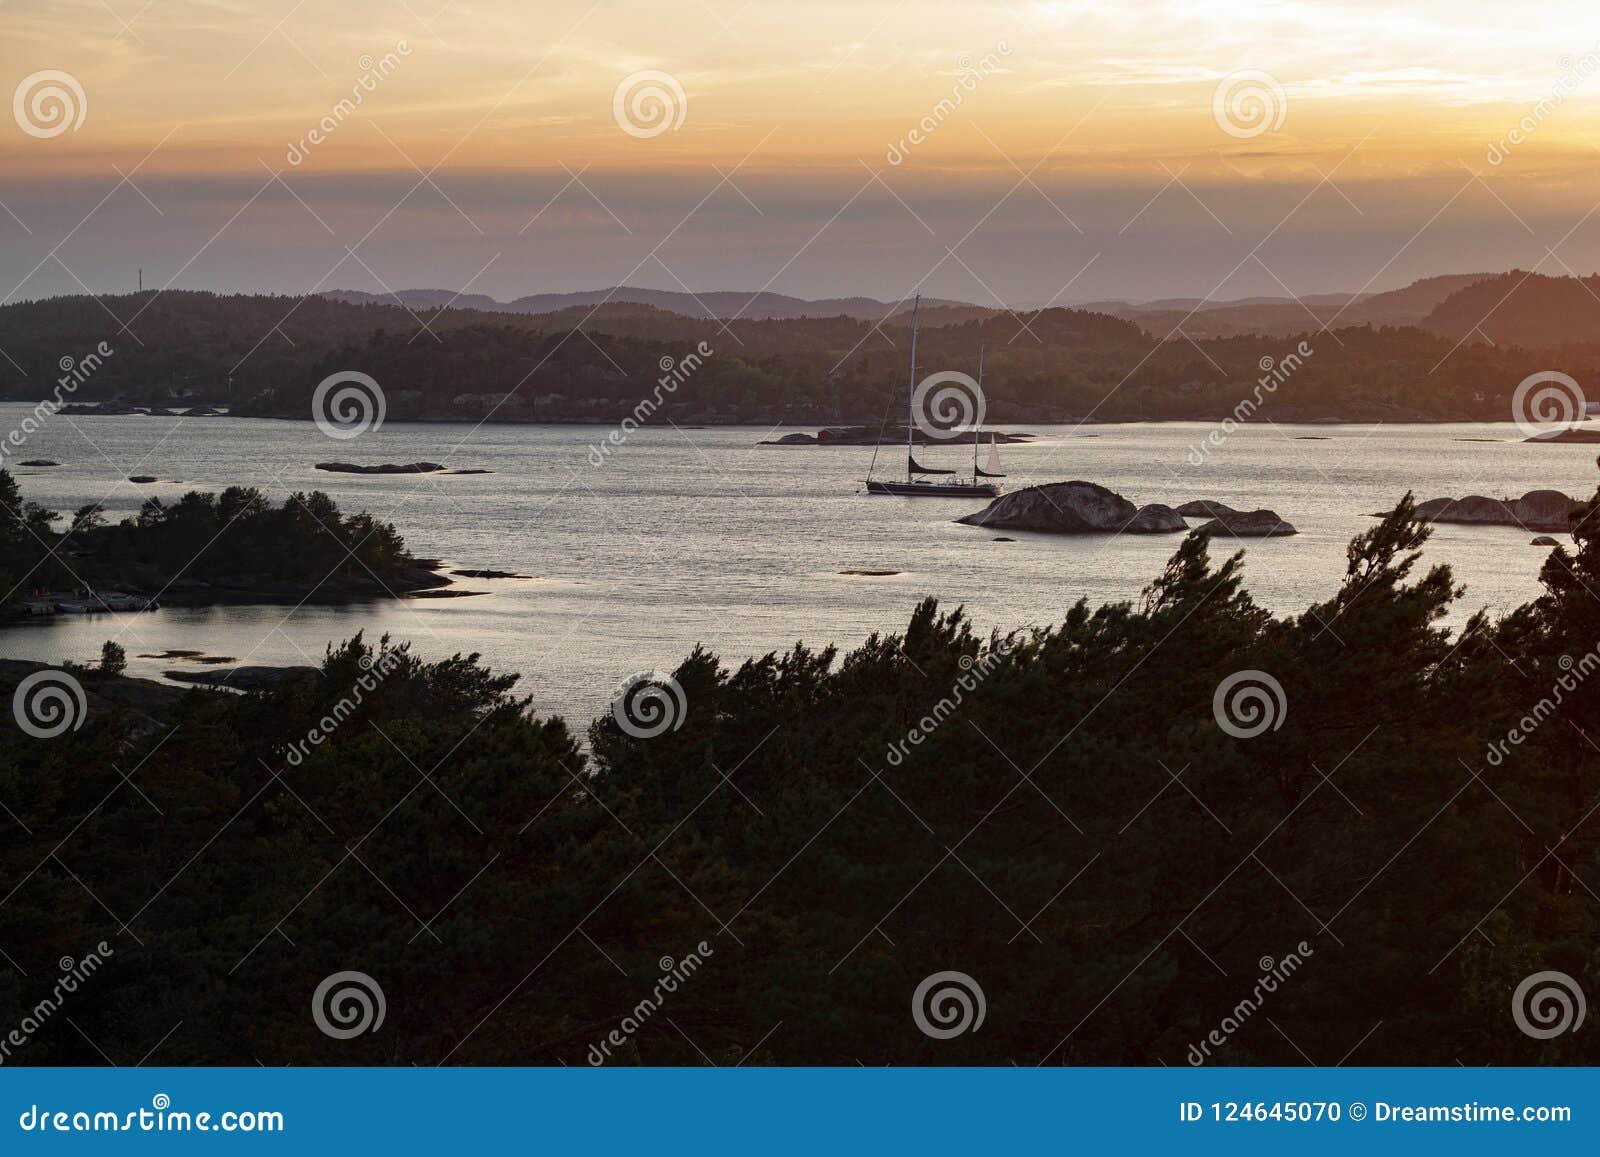 Norweska żaglówka na wybrzeżu przy półmrokiem